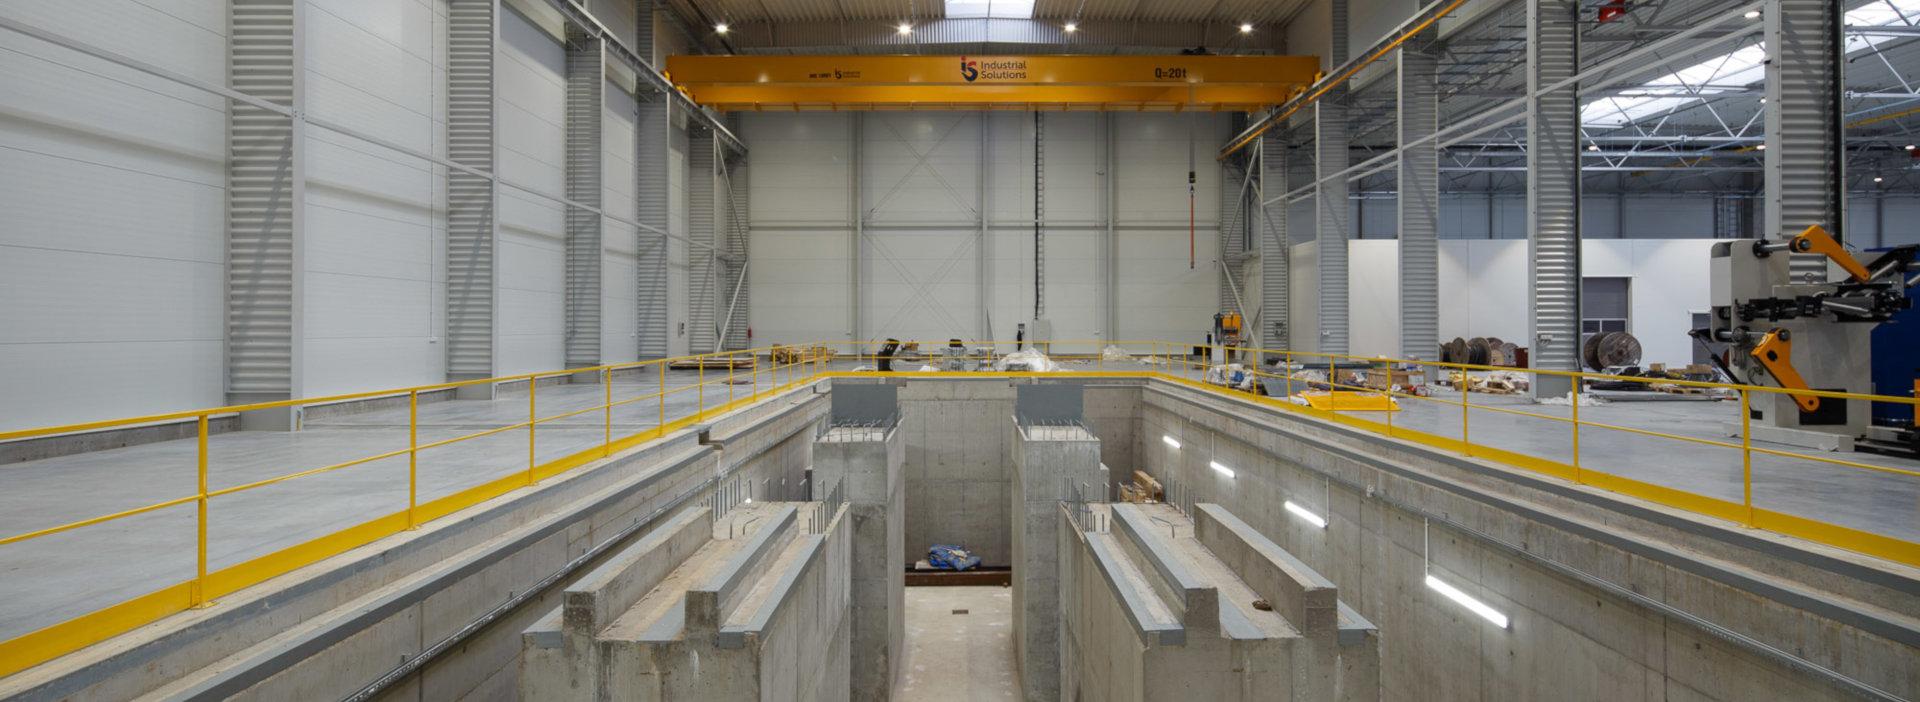 Kamiński - Budownictwo. Generalny wykonawca inwestycji budowlanych w śląskie, opolskie i dolnośląskie